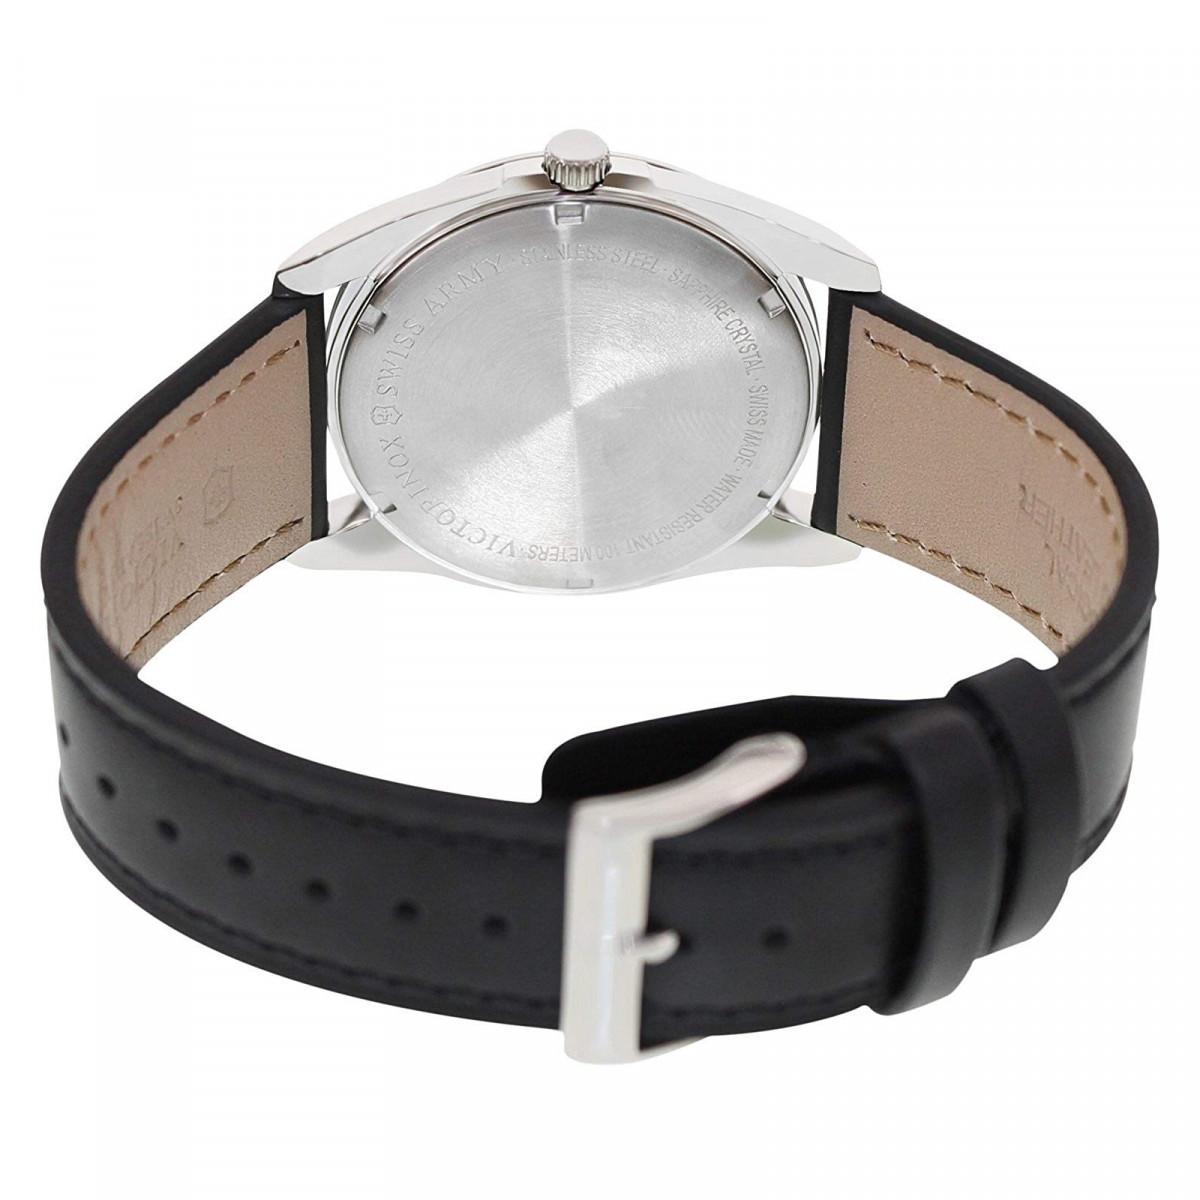 Montre Homme Victorinox INFANTRY, cadran gris foncé et bracelet cuir noir - 40 mm